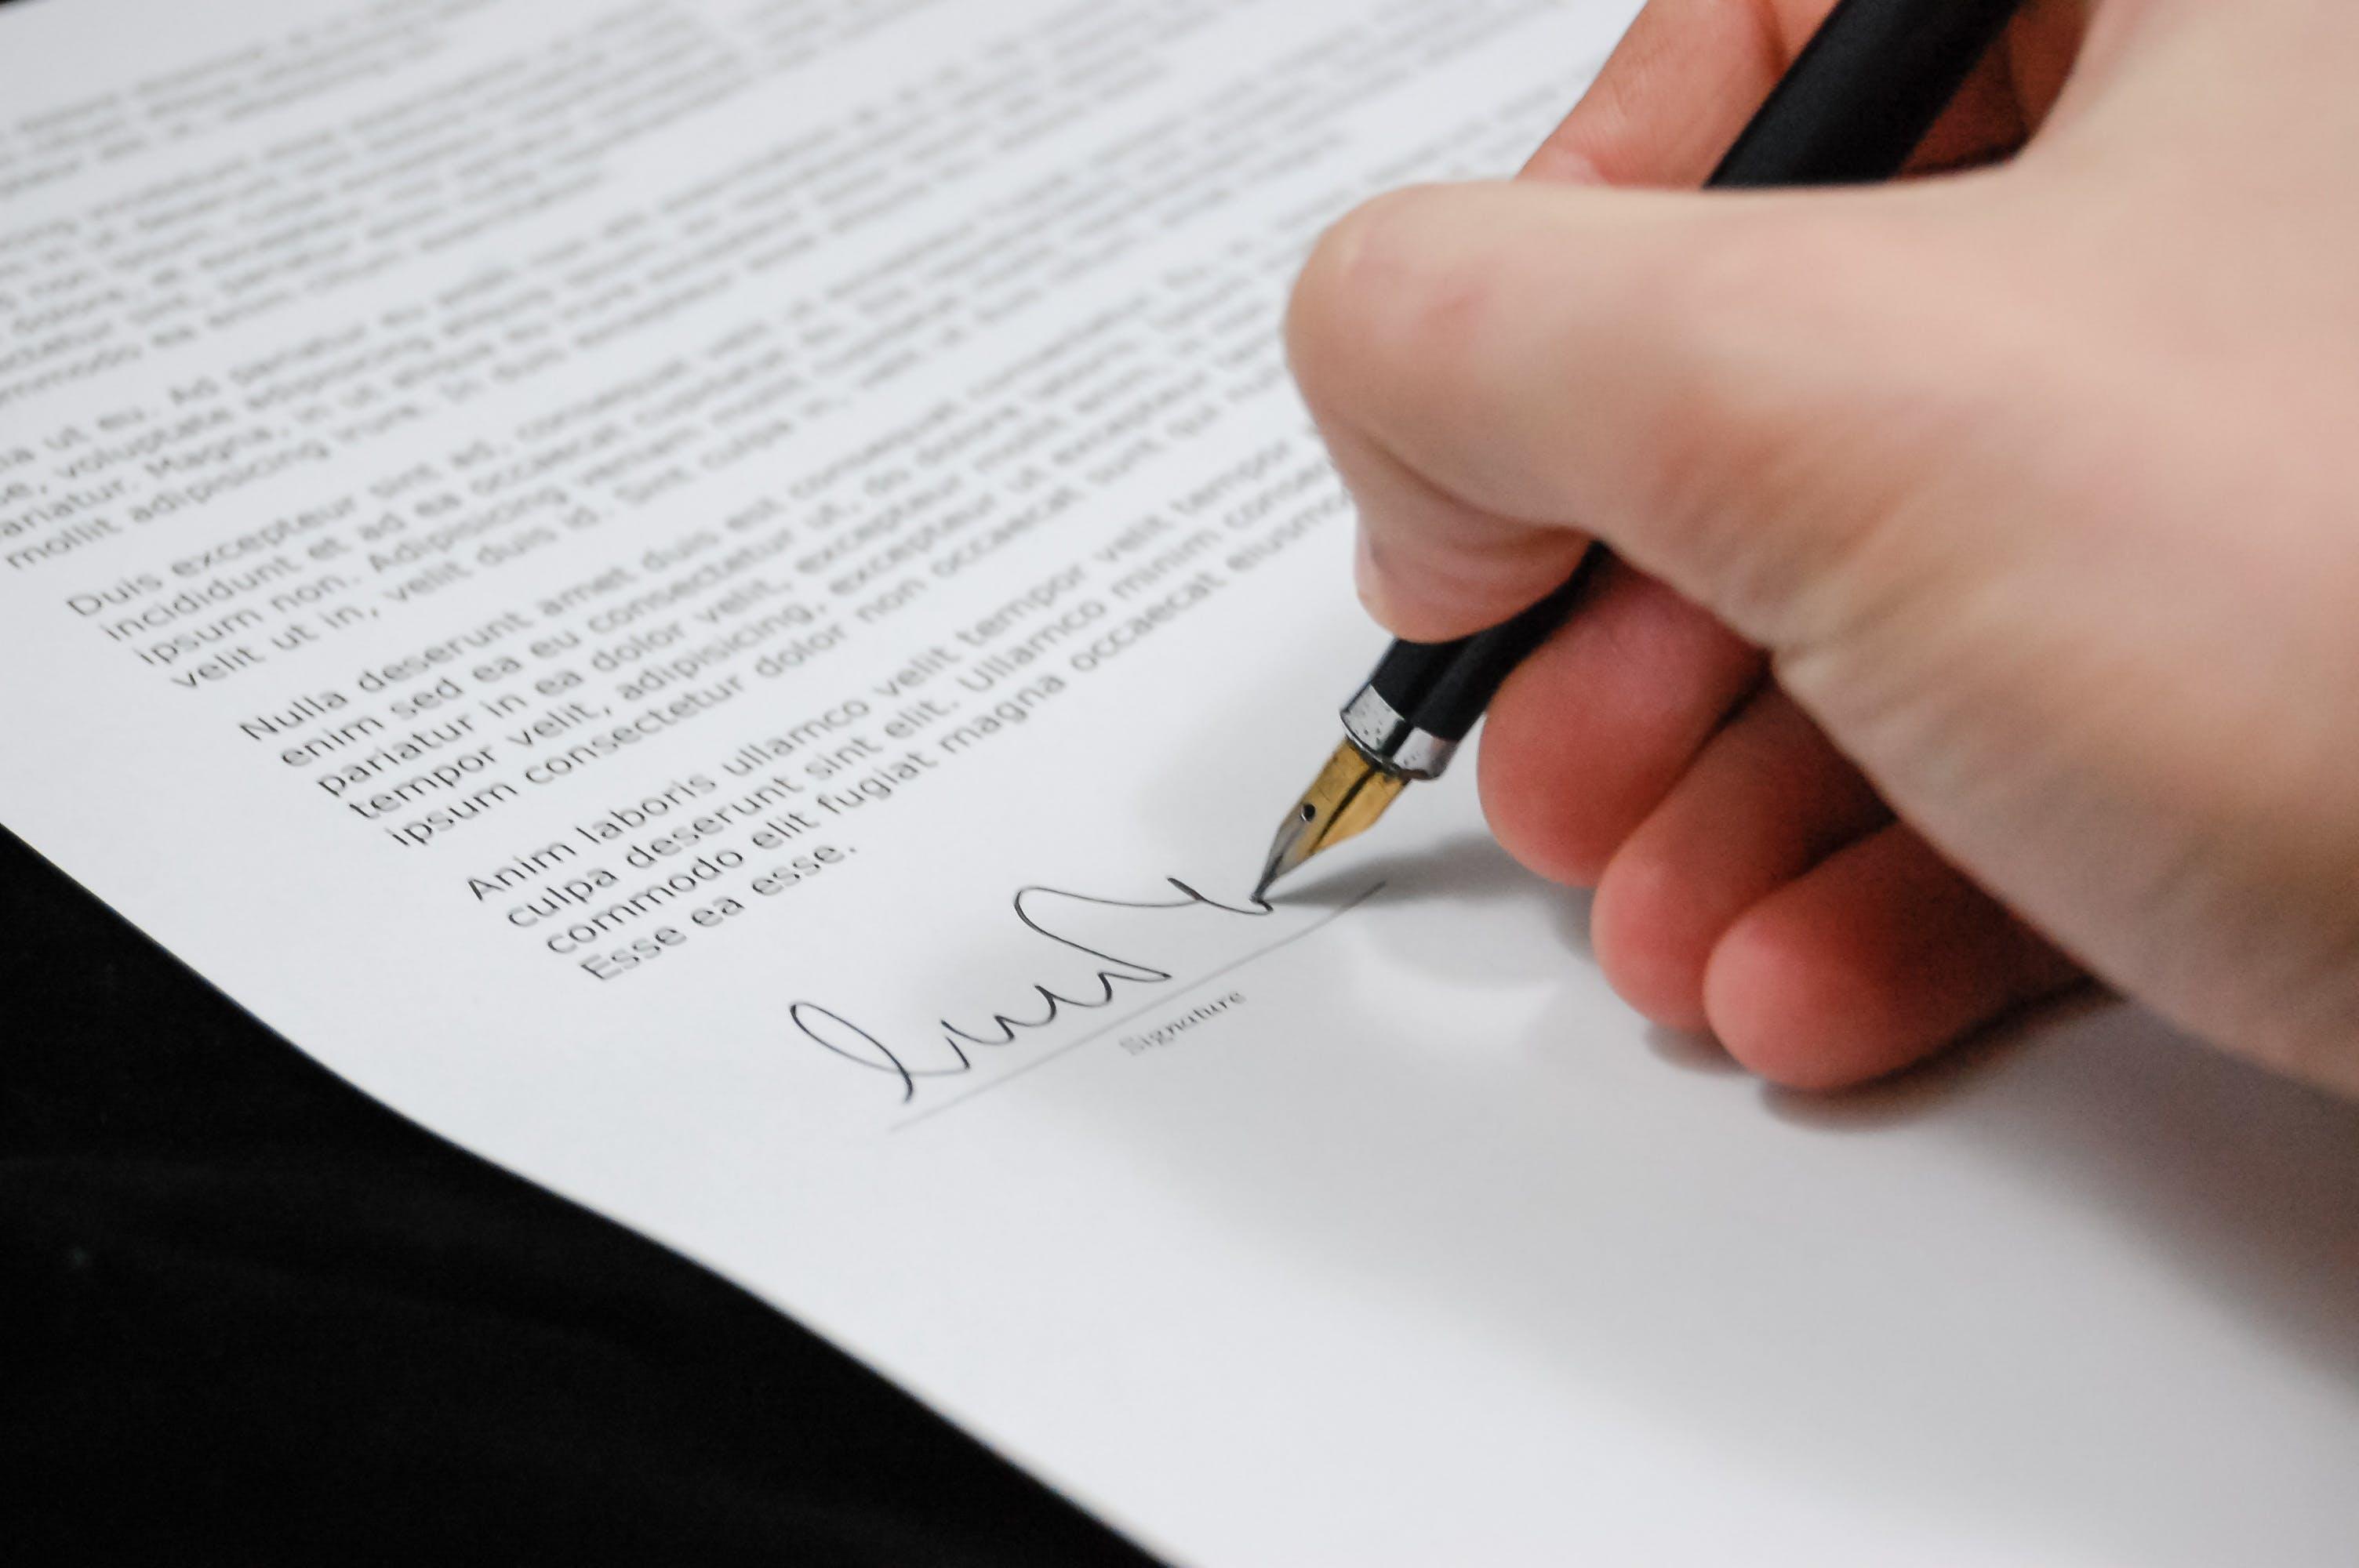 サイン, ペン, 万年筆, 弁護士の無料の写真素材